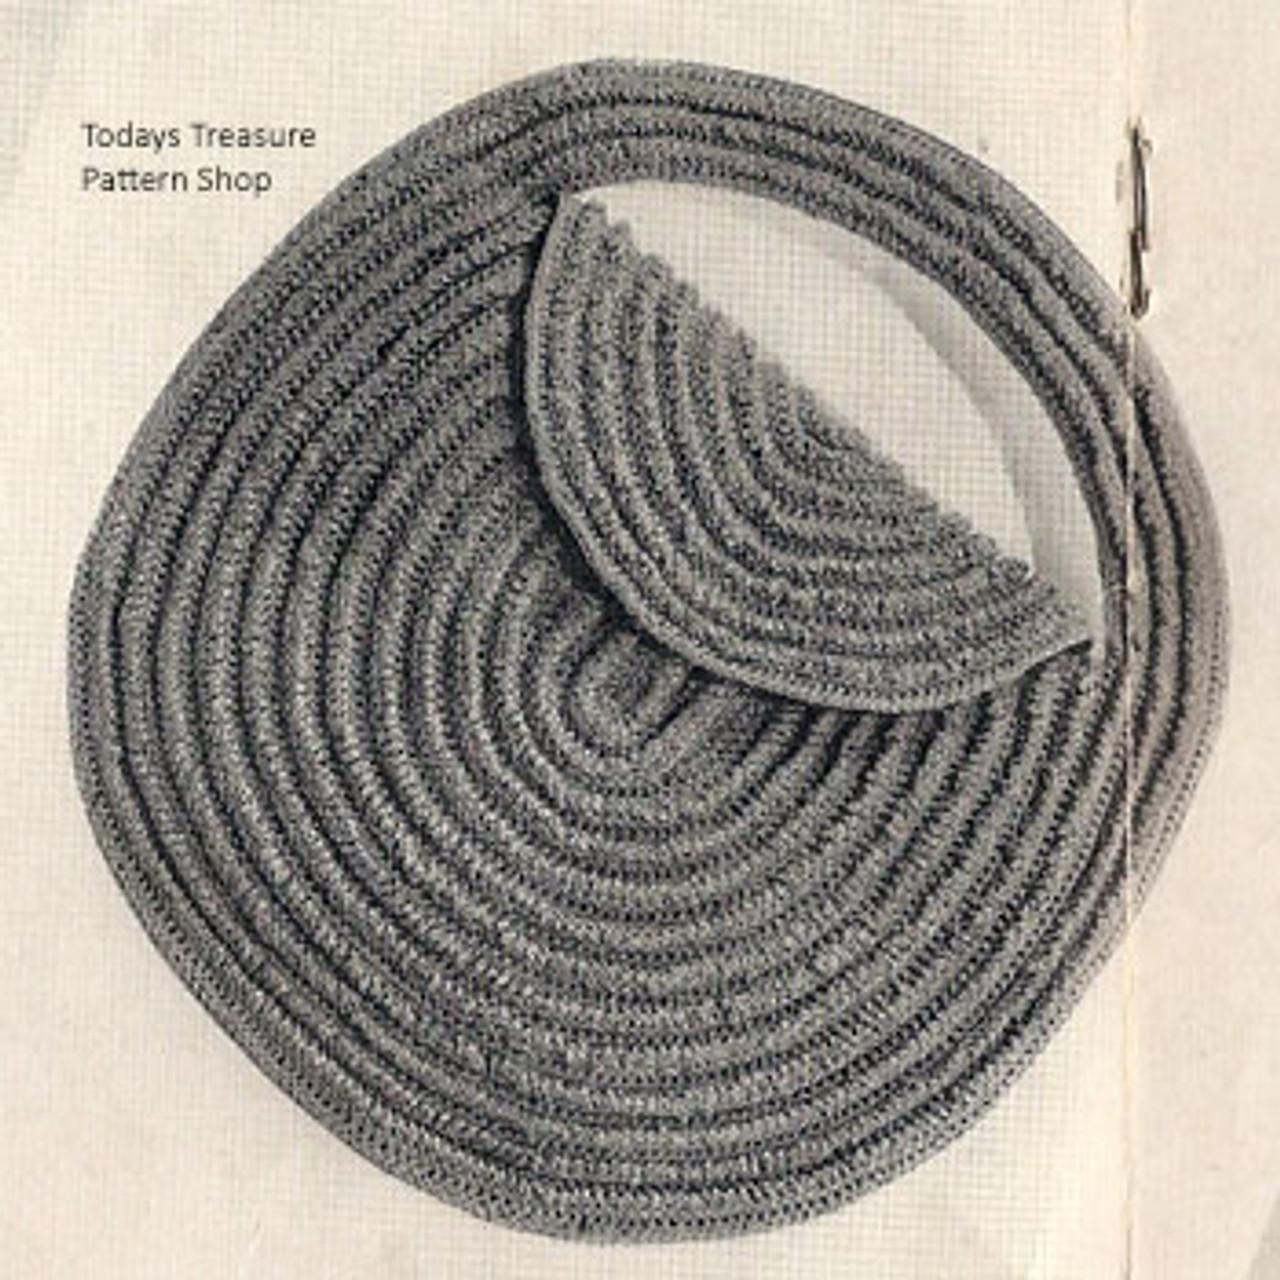 Small Crochet Rounded Handbag Pattern